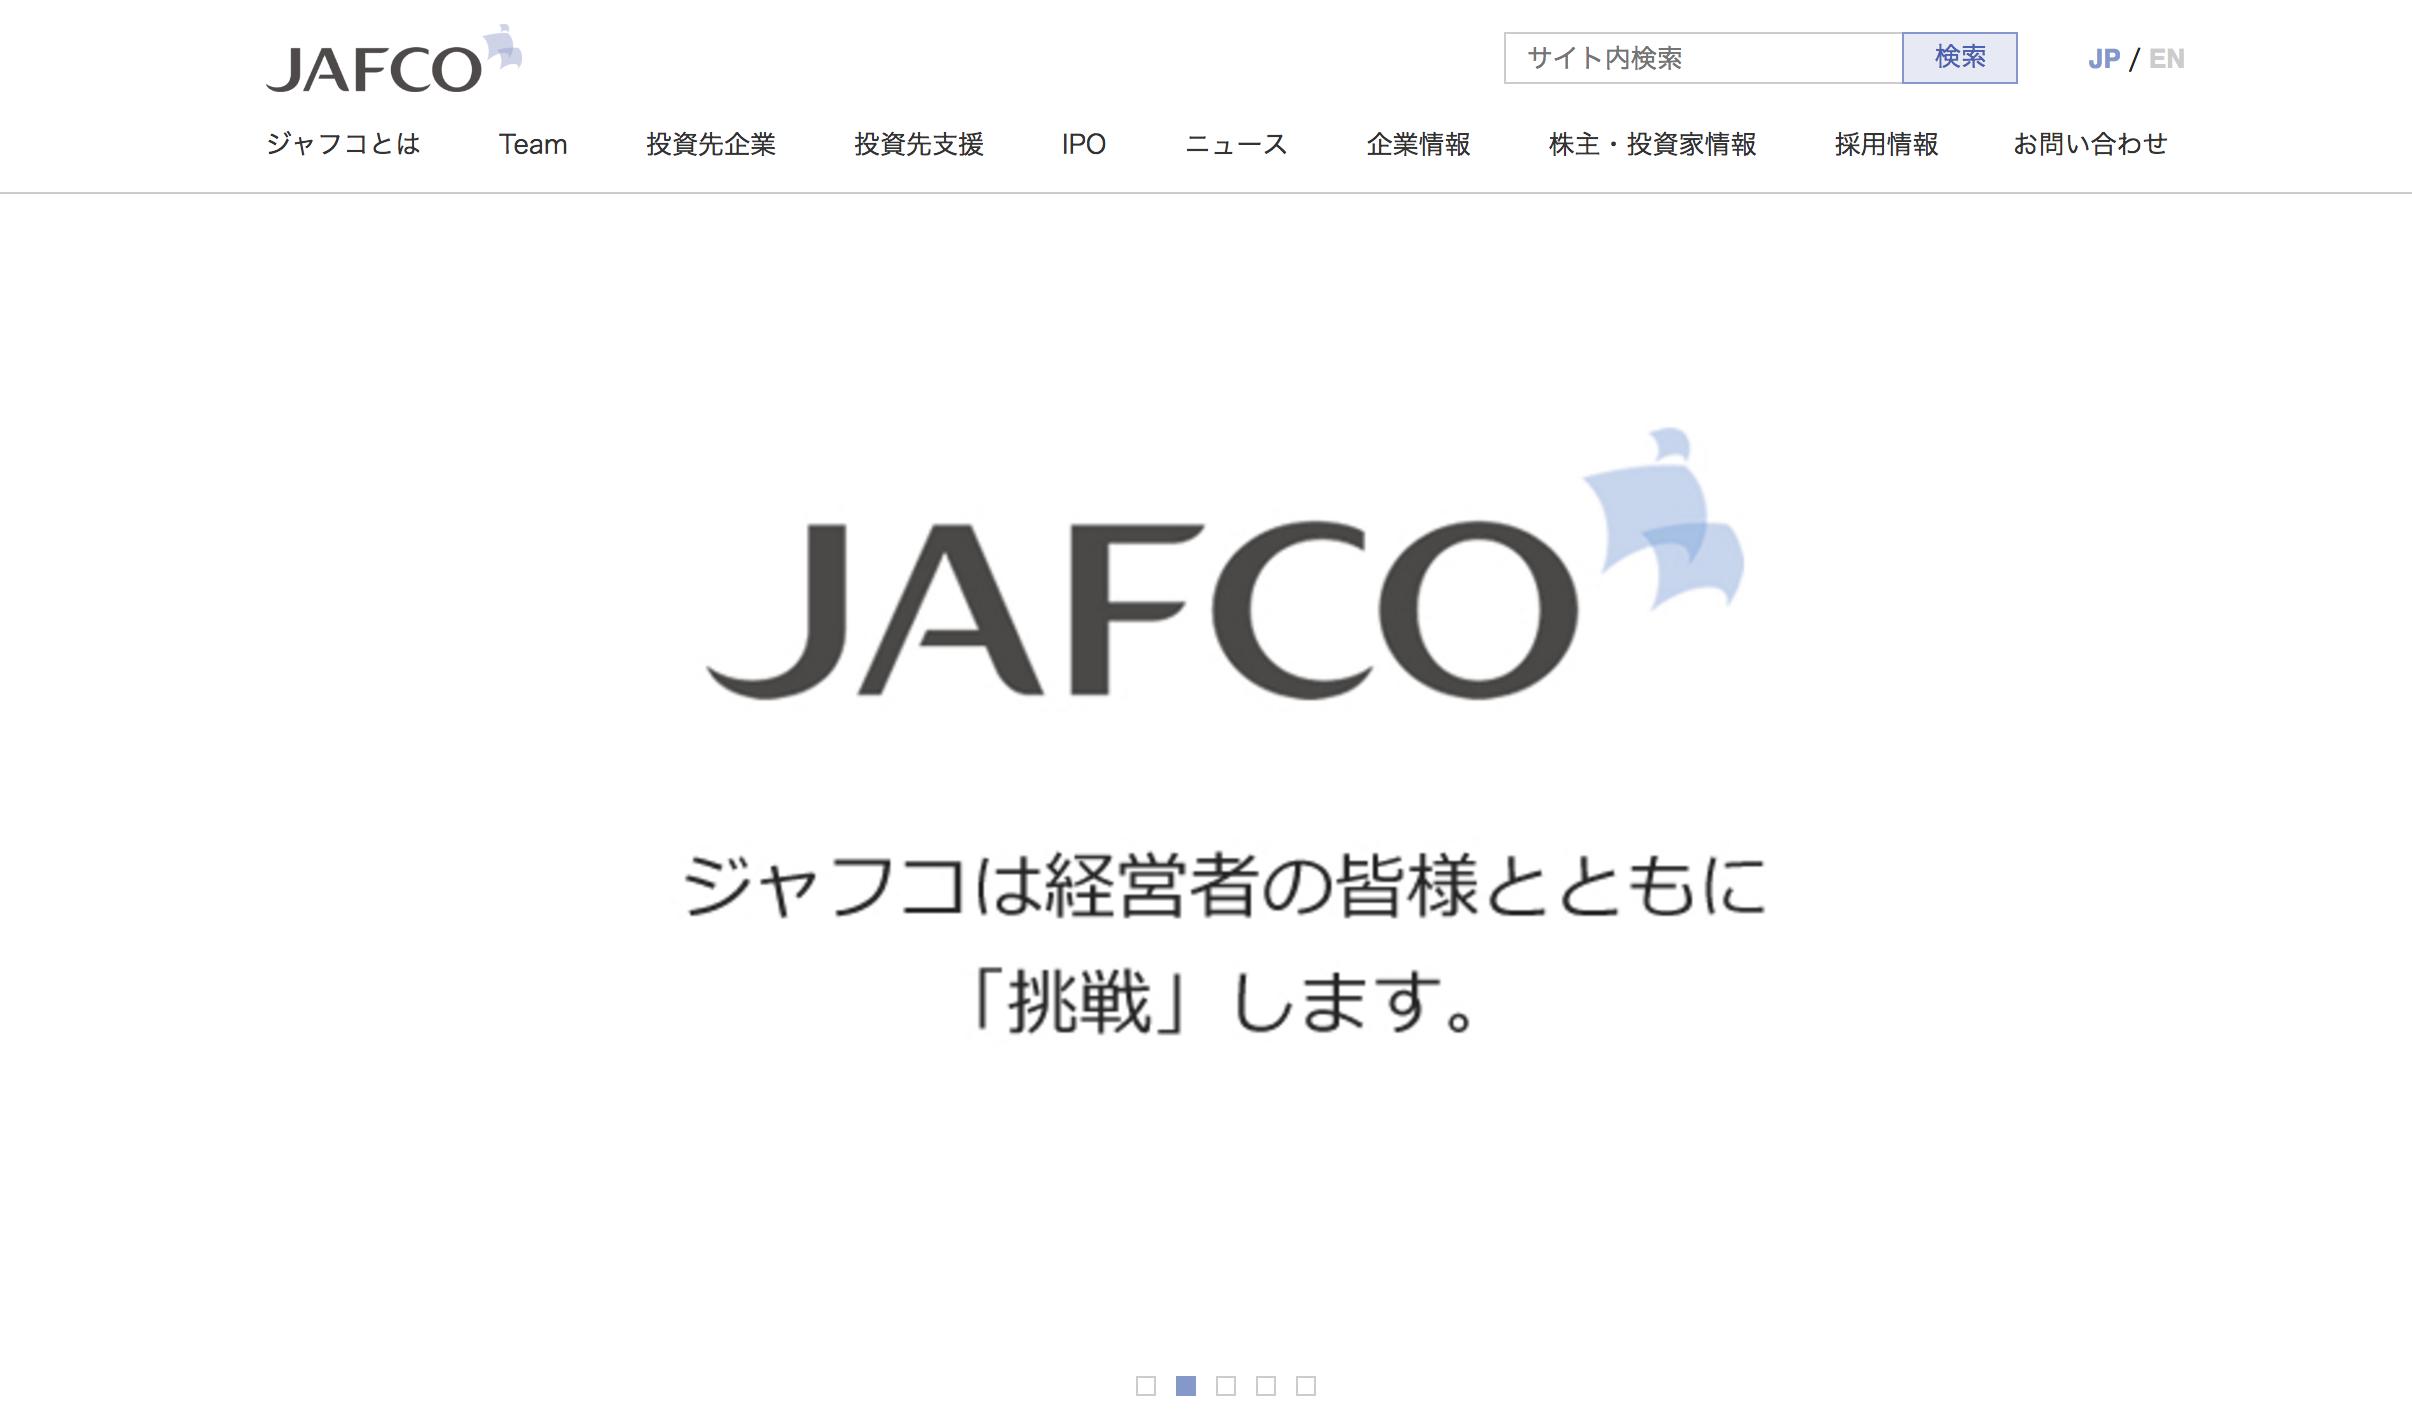 【2017年版】日本の 金融系 ベンチャーキャピタル VC 一覧 まとめ13選-ジャフコ